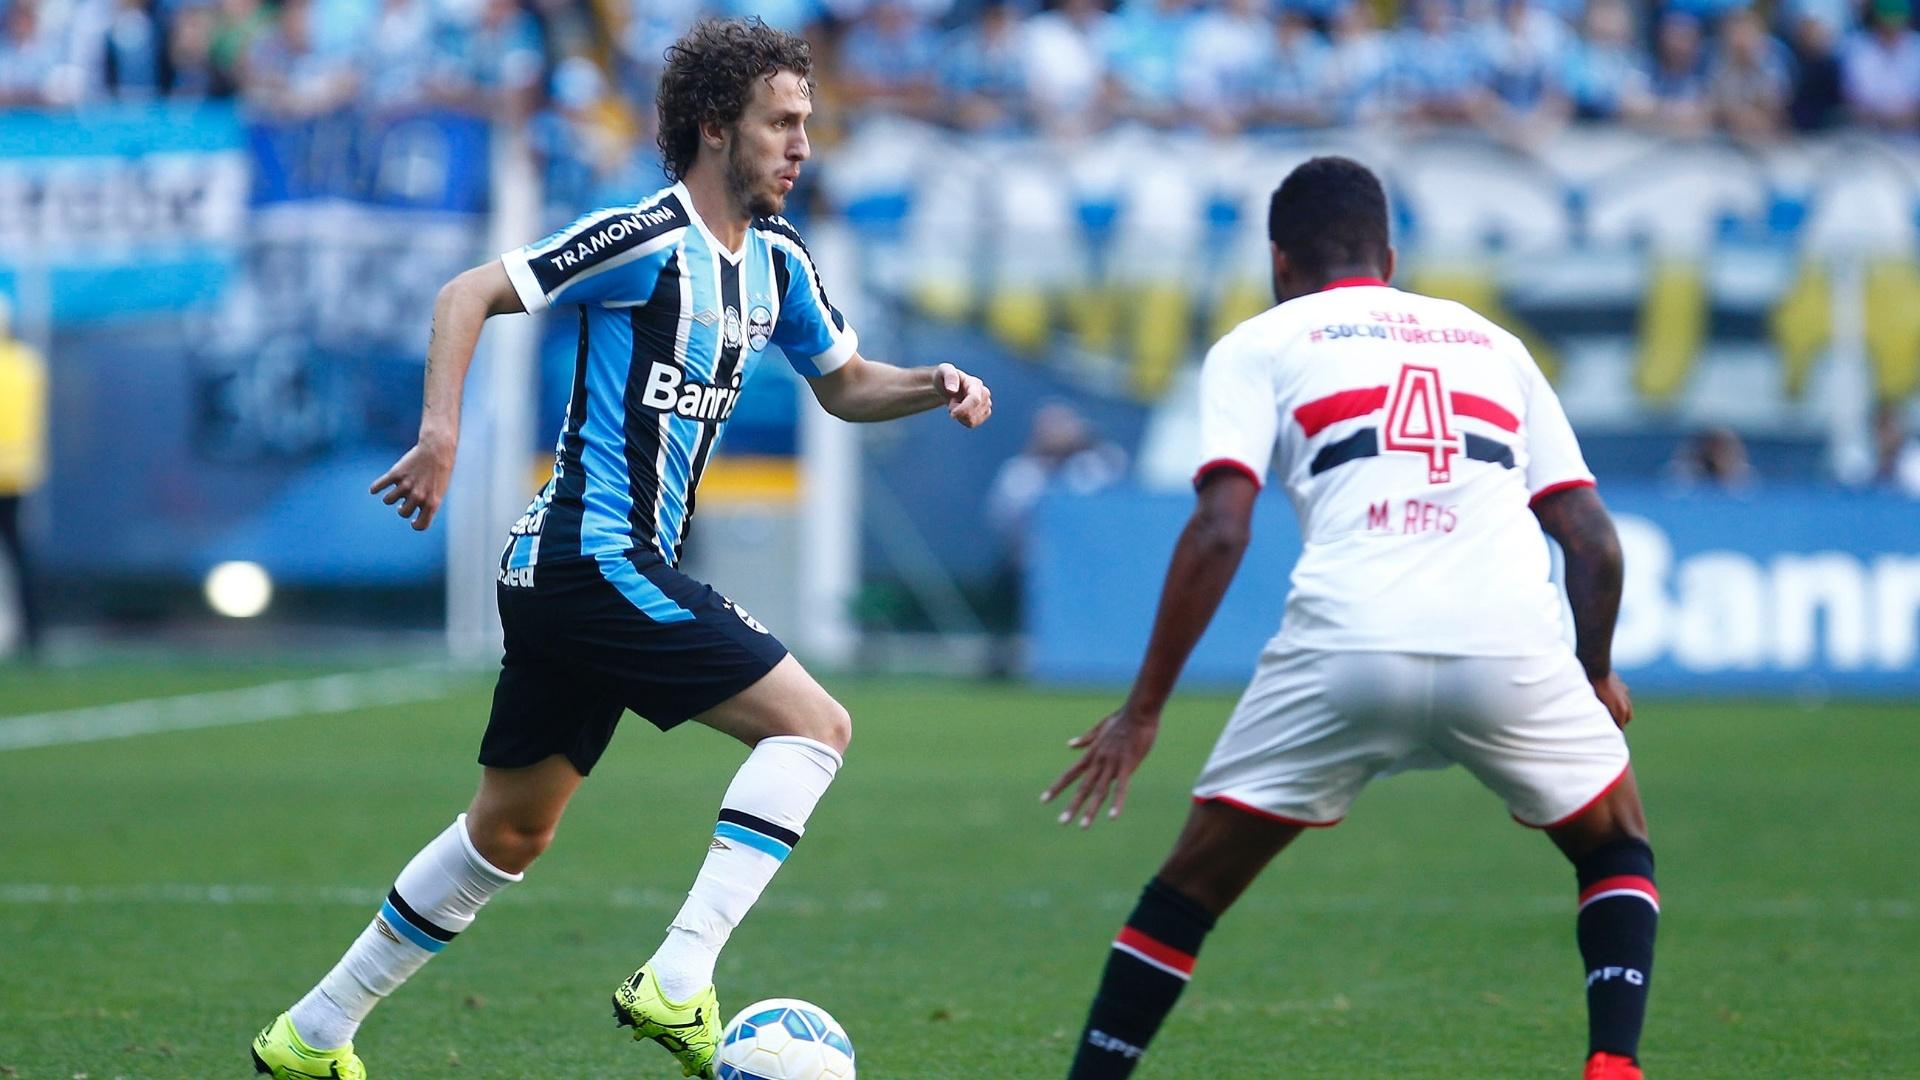 Rafael Galhardo conduz a bola durante a partida entre Grêmio e São Paulo